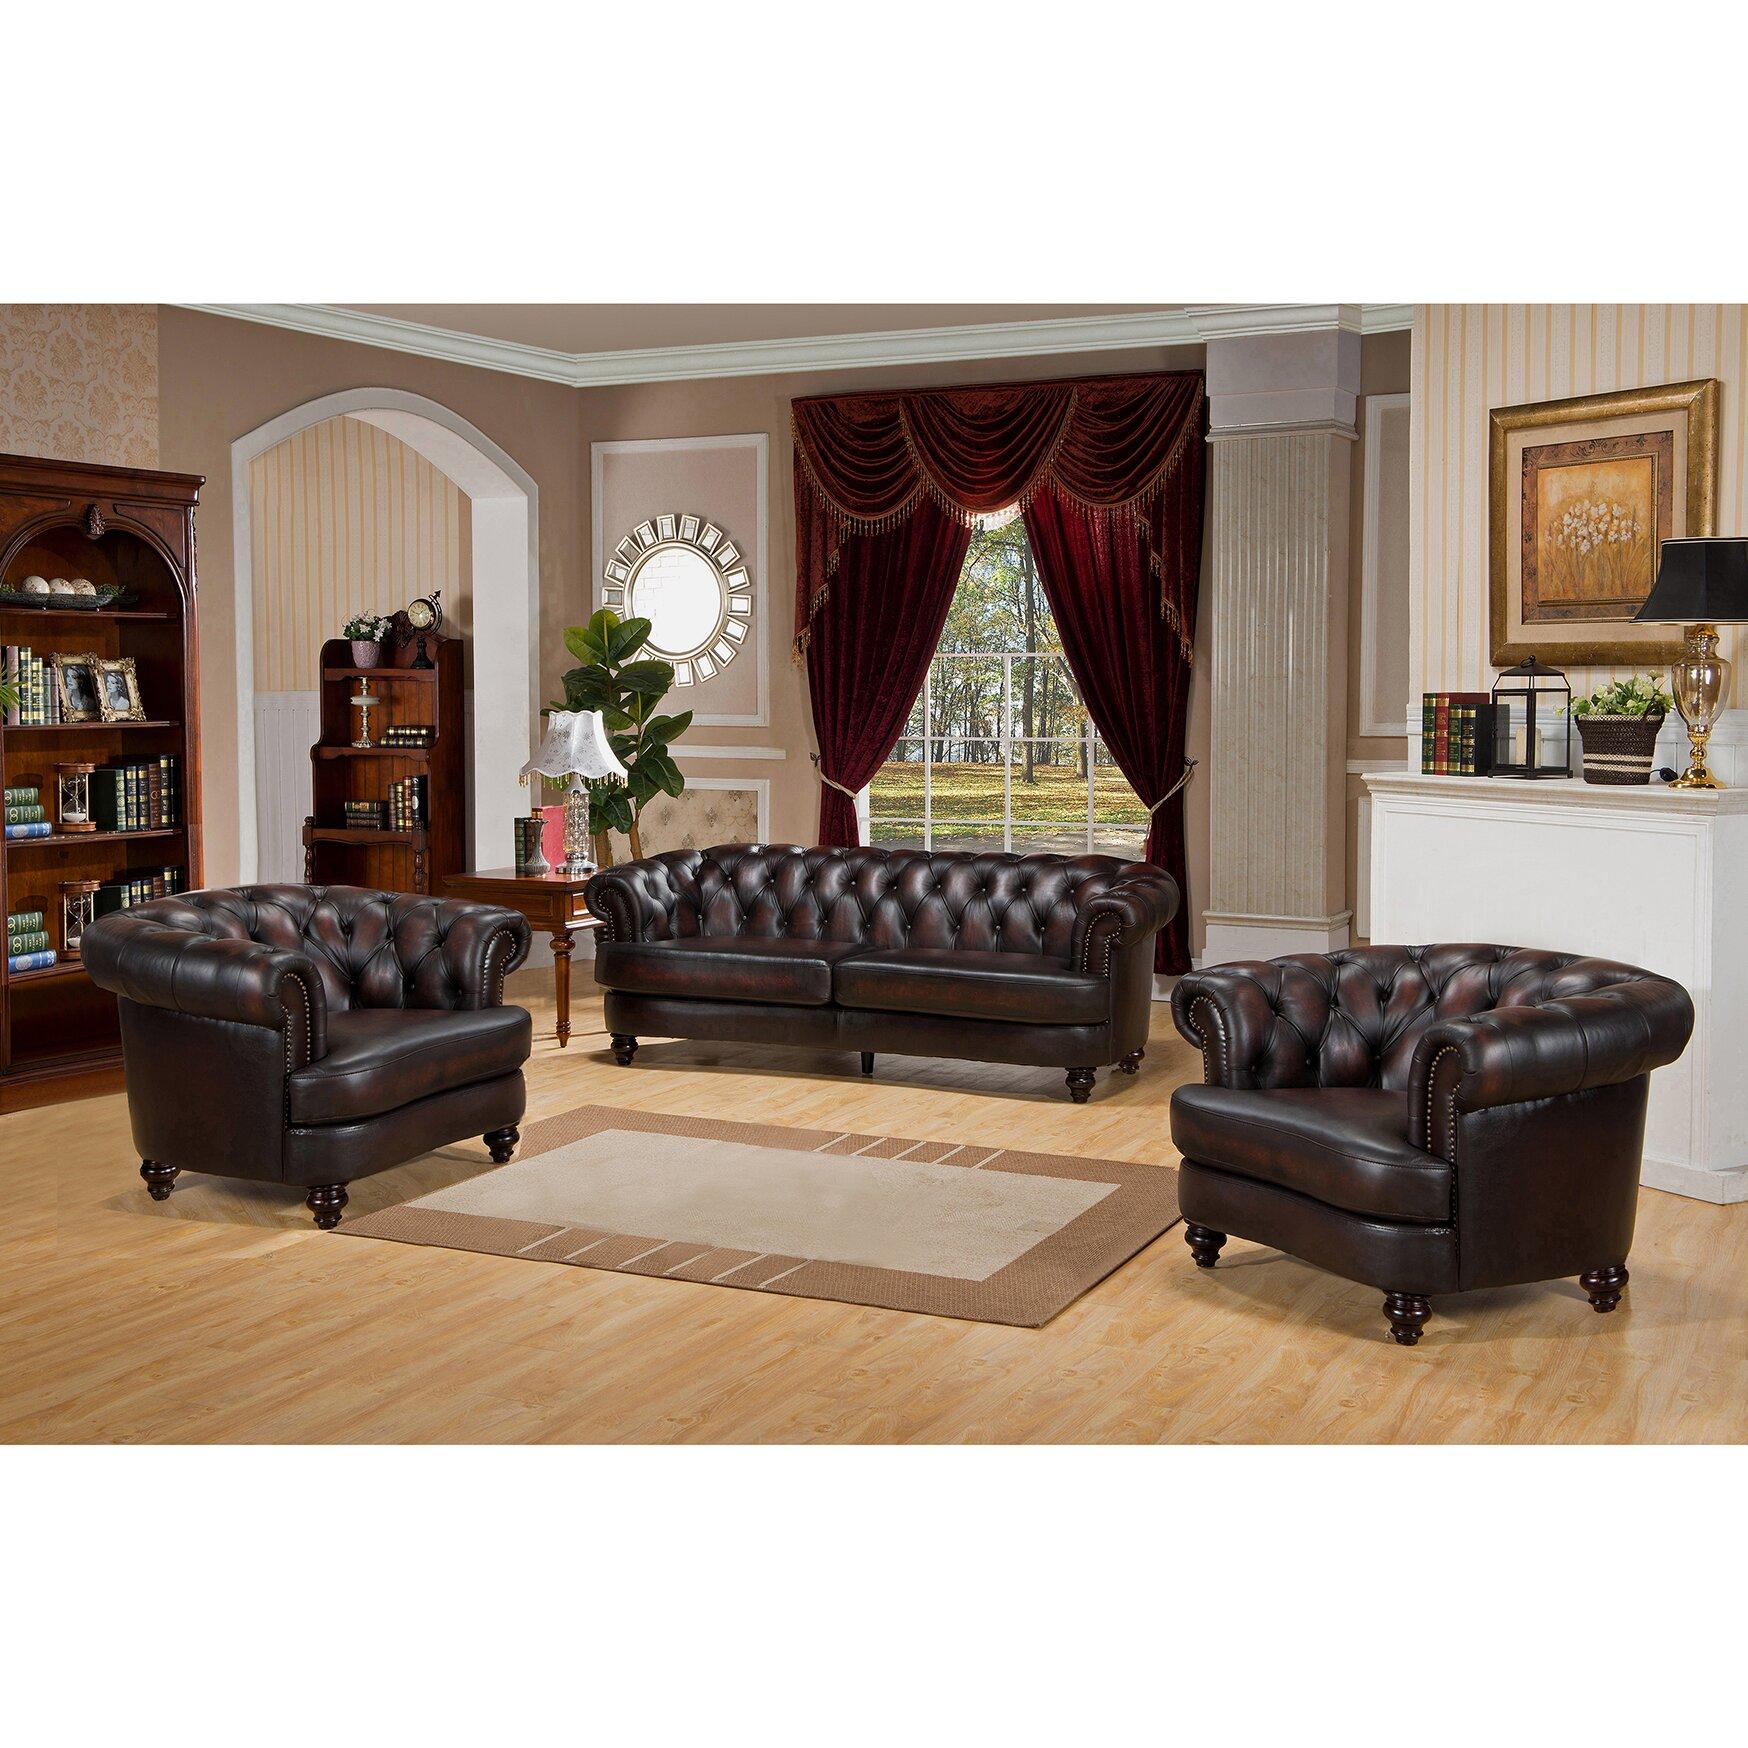 amax roosevelt 3 piece leather living room set. Black Bedroom Furniture Sets. Home Design Ideas